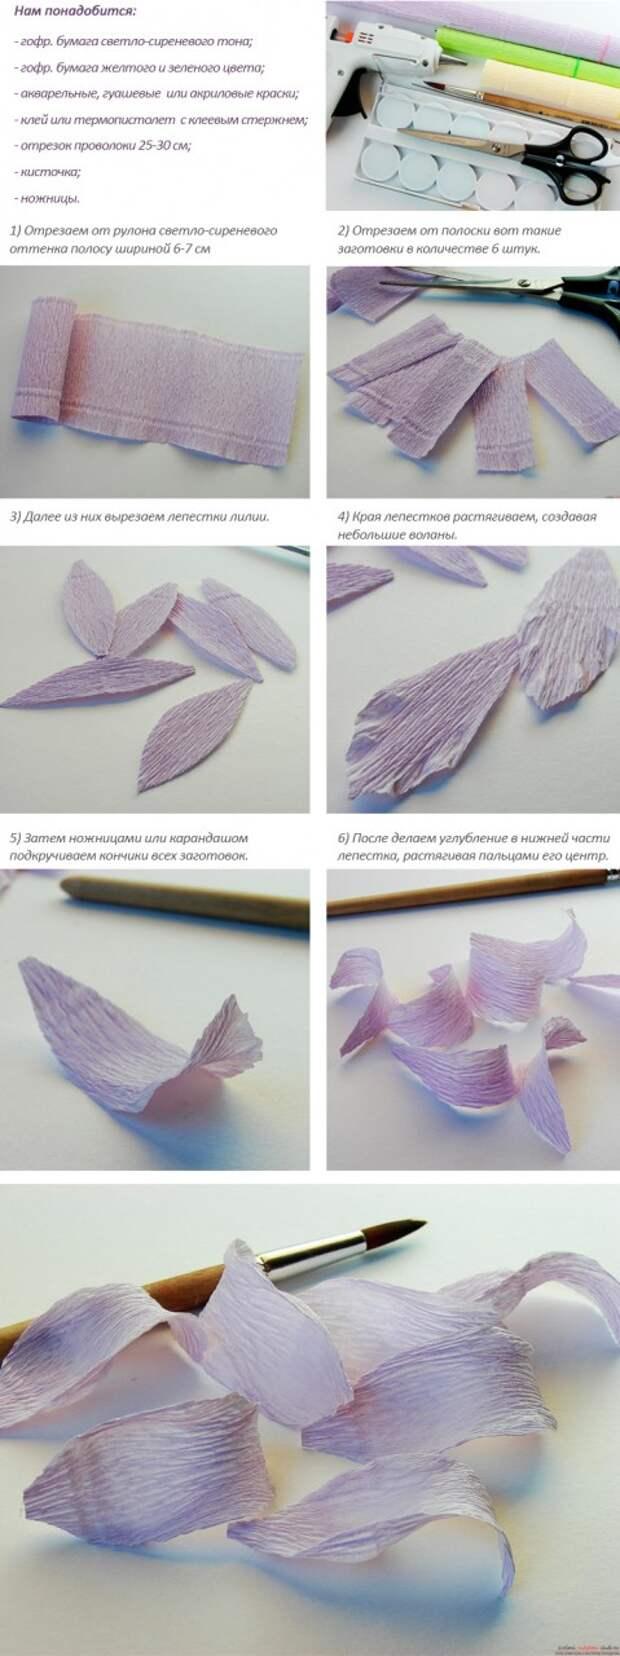 лилии из гофрированной бумаги как настоящие делаем сами шаг 1